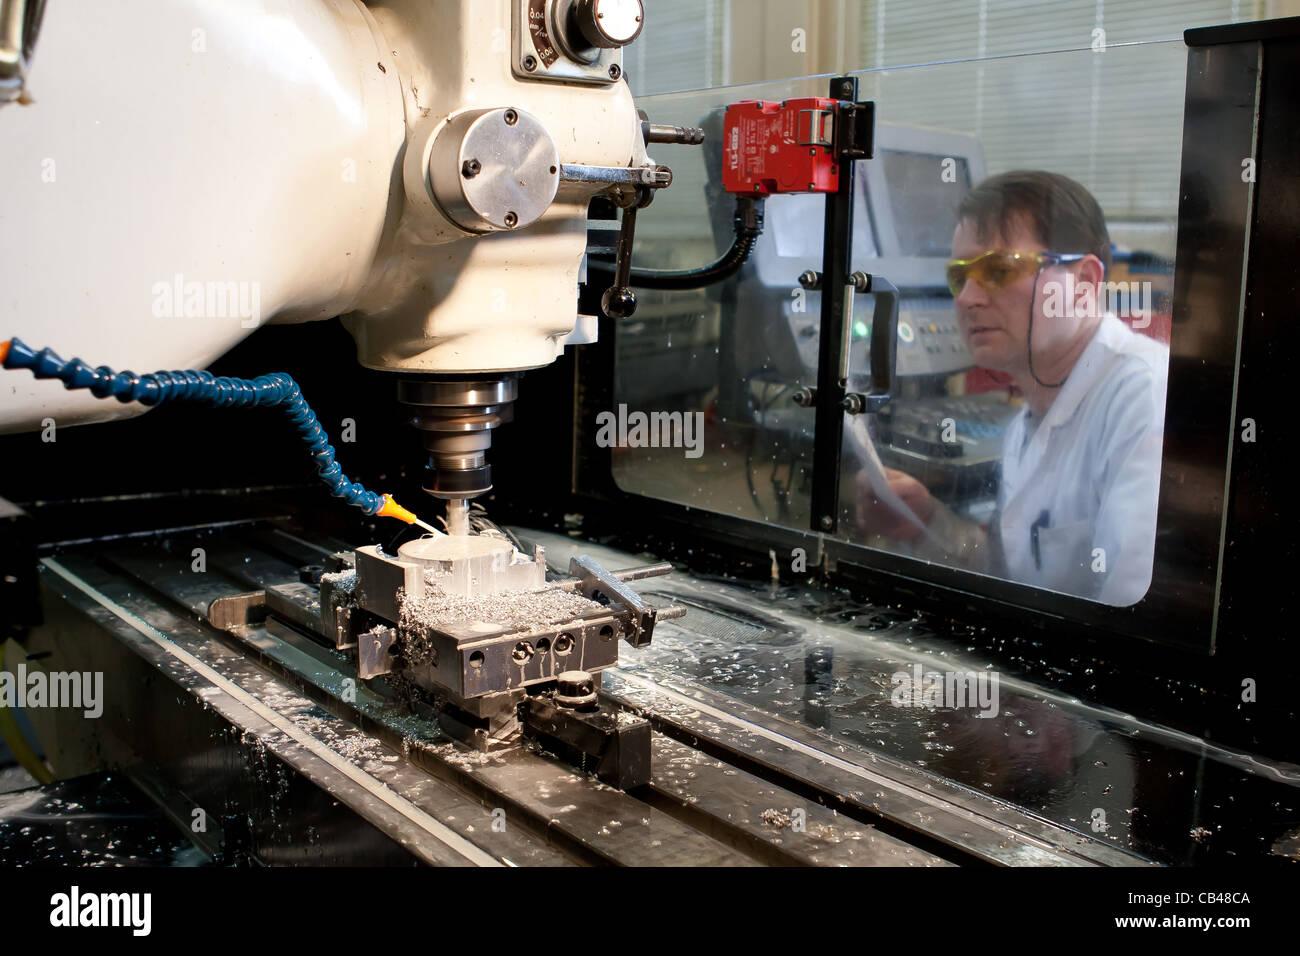 Maschinenbau techniker ingenieur arbeitet eine cnc for Maschinenbauingenieur nc